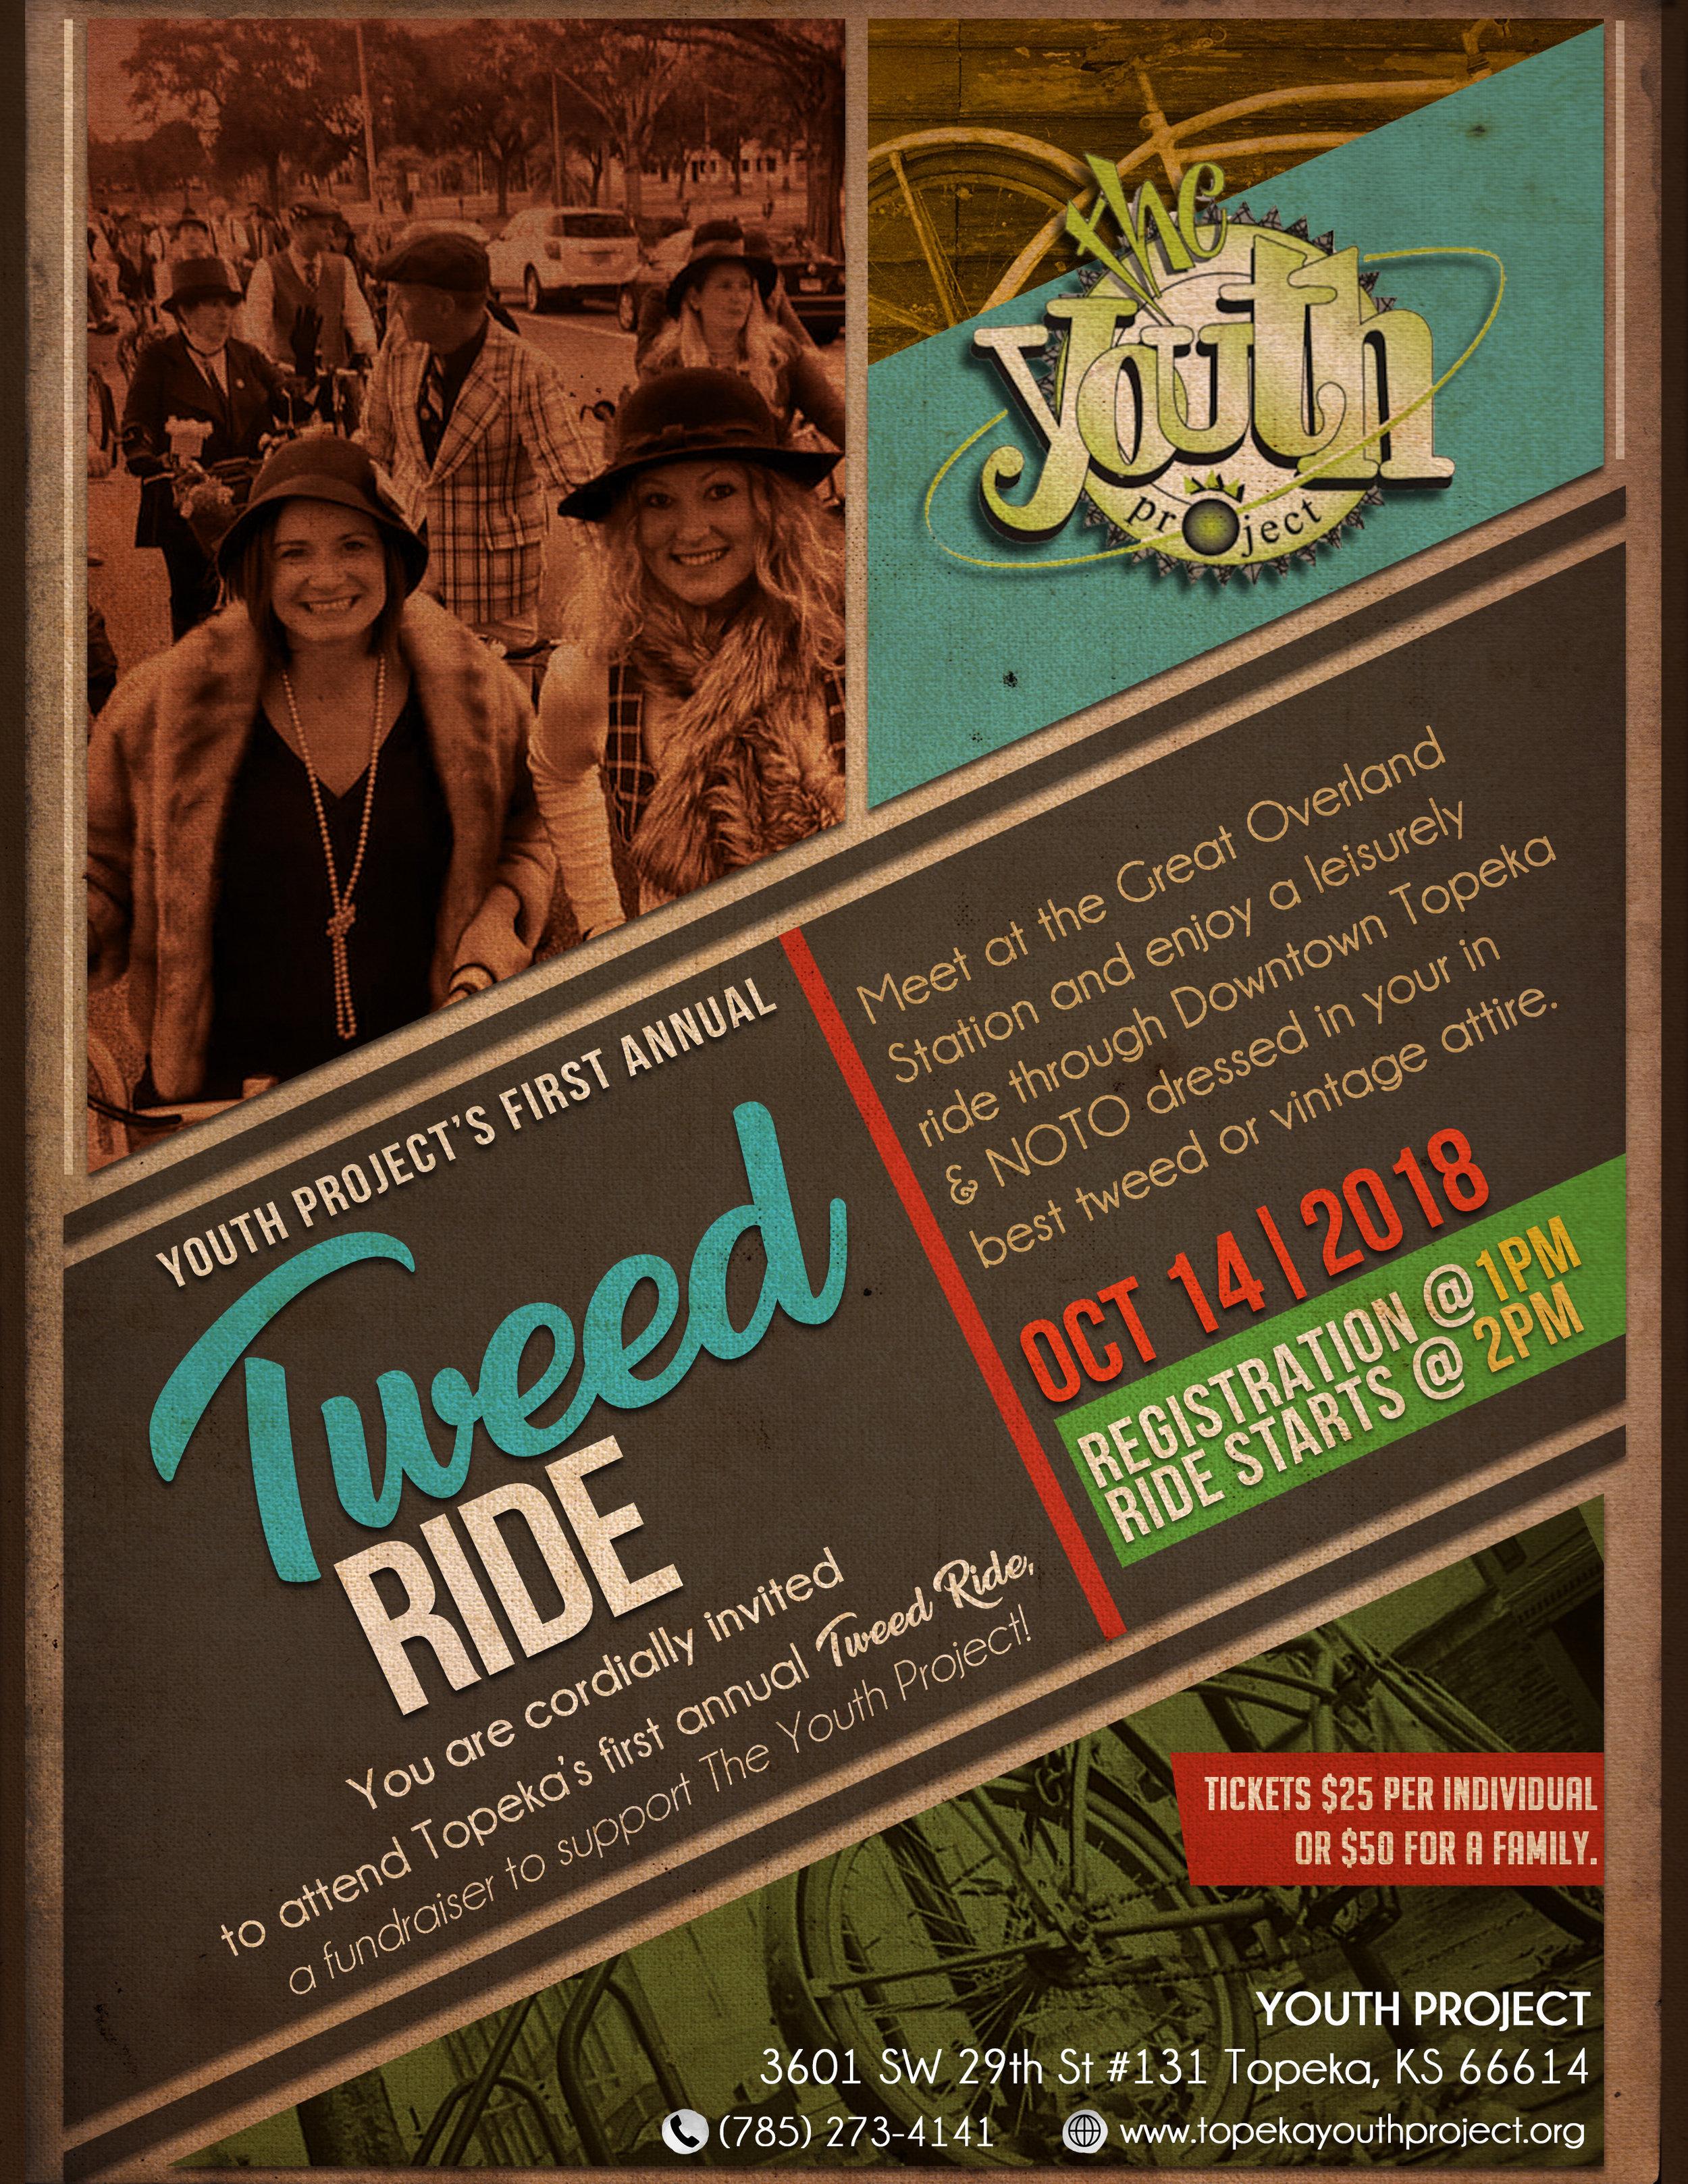 Tweed Ride Flyer.jpg